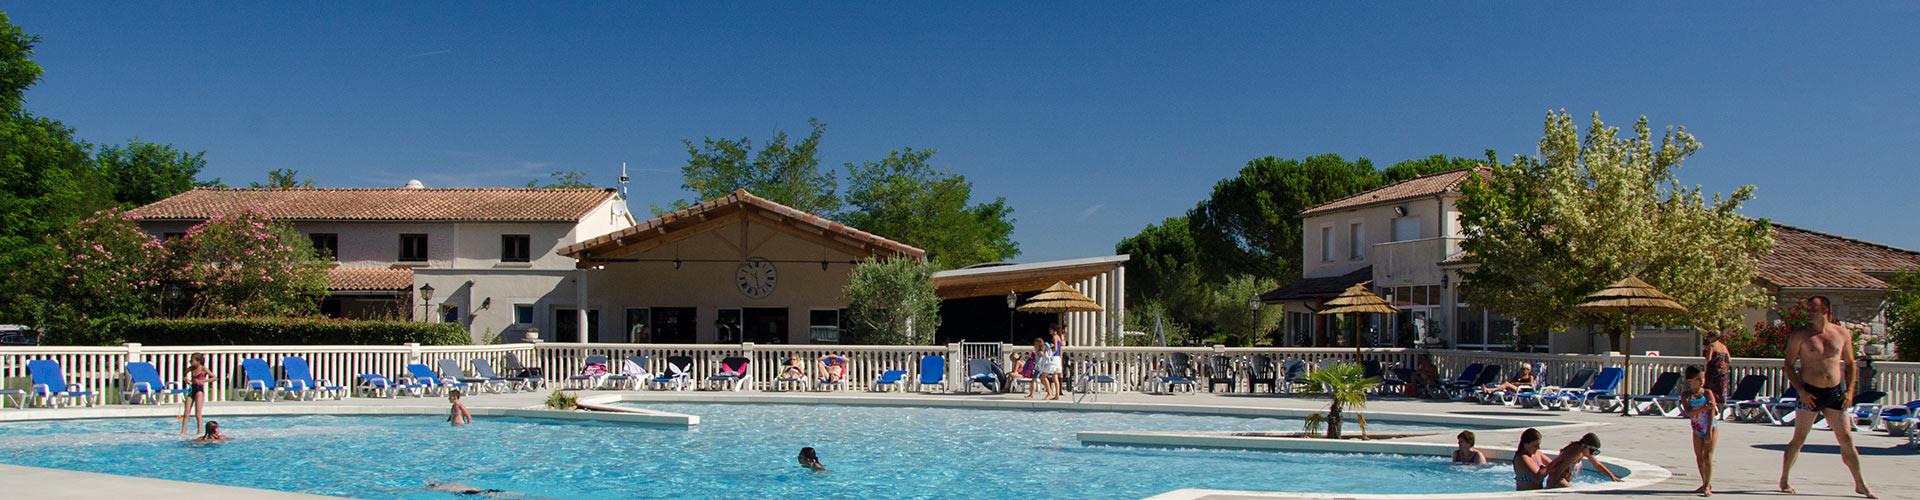 Camping la grand 39 terre ruoms en ard che camping 3 for Club vacances ardeche avec piscine